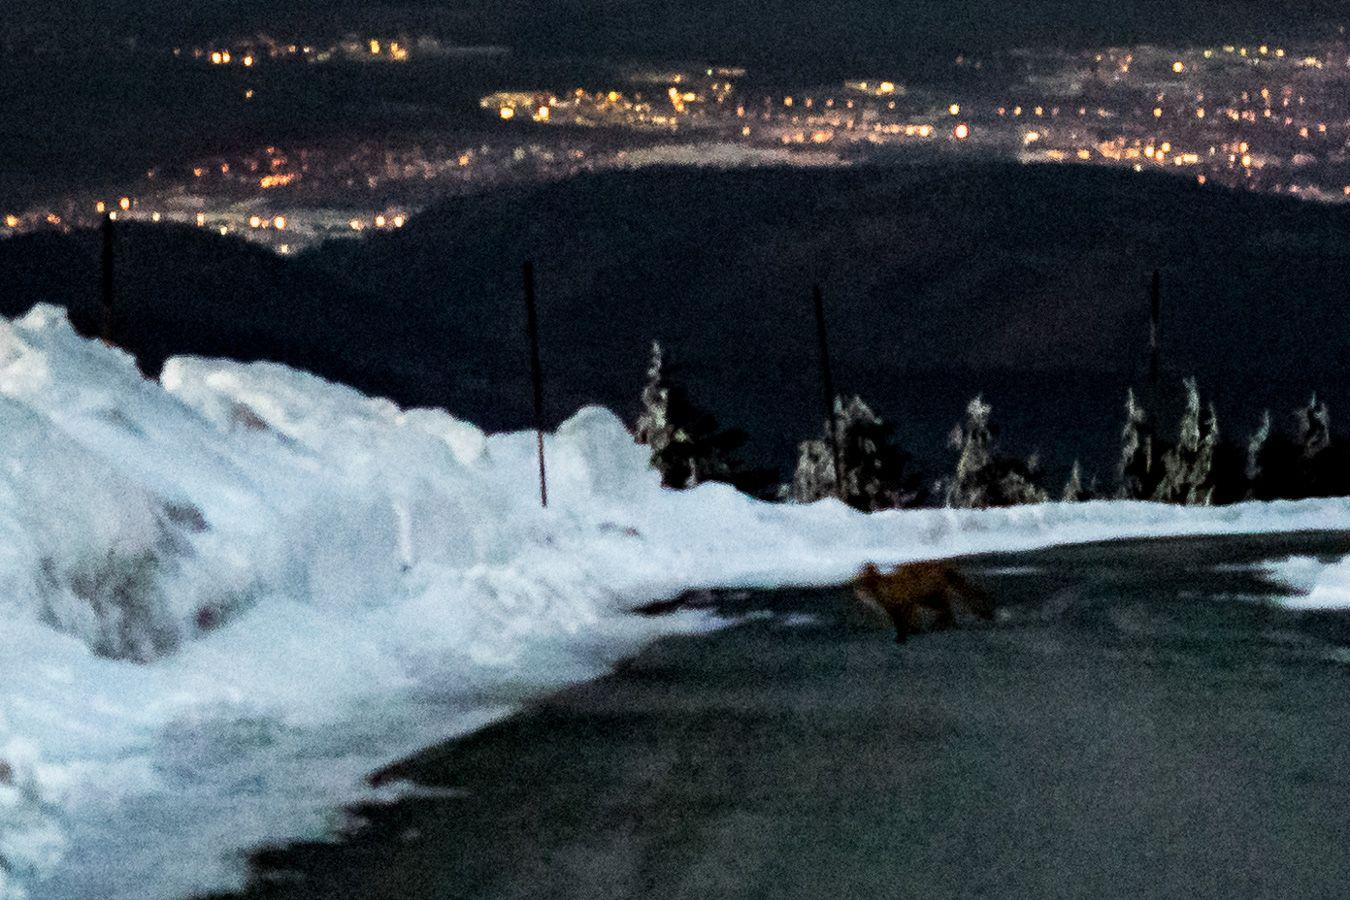 Das hier dürfte wohl das verrauschteste Foto überhaupt sein was ich von diesem Ausflug präsentiere. Dennoch hielt ich es für notwendig. Beachtet bitte unten rechts auf der Straße diesen flinken Besucher. Ich tippe mal auf den Brockenfuchs. Den wollte ich euch nicht vorenthalten. . . . . . . .  #olympus #olympusomd #em1 #olympuscamera #microfourthirds #harz #germany #travel #wanderlust #brocken #snow #harzmountains #neverstopexploring #mountain #hiking #hike #trekking #mountainlife #outdoor…